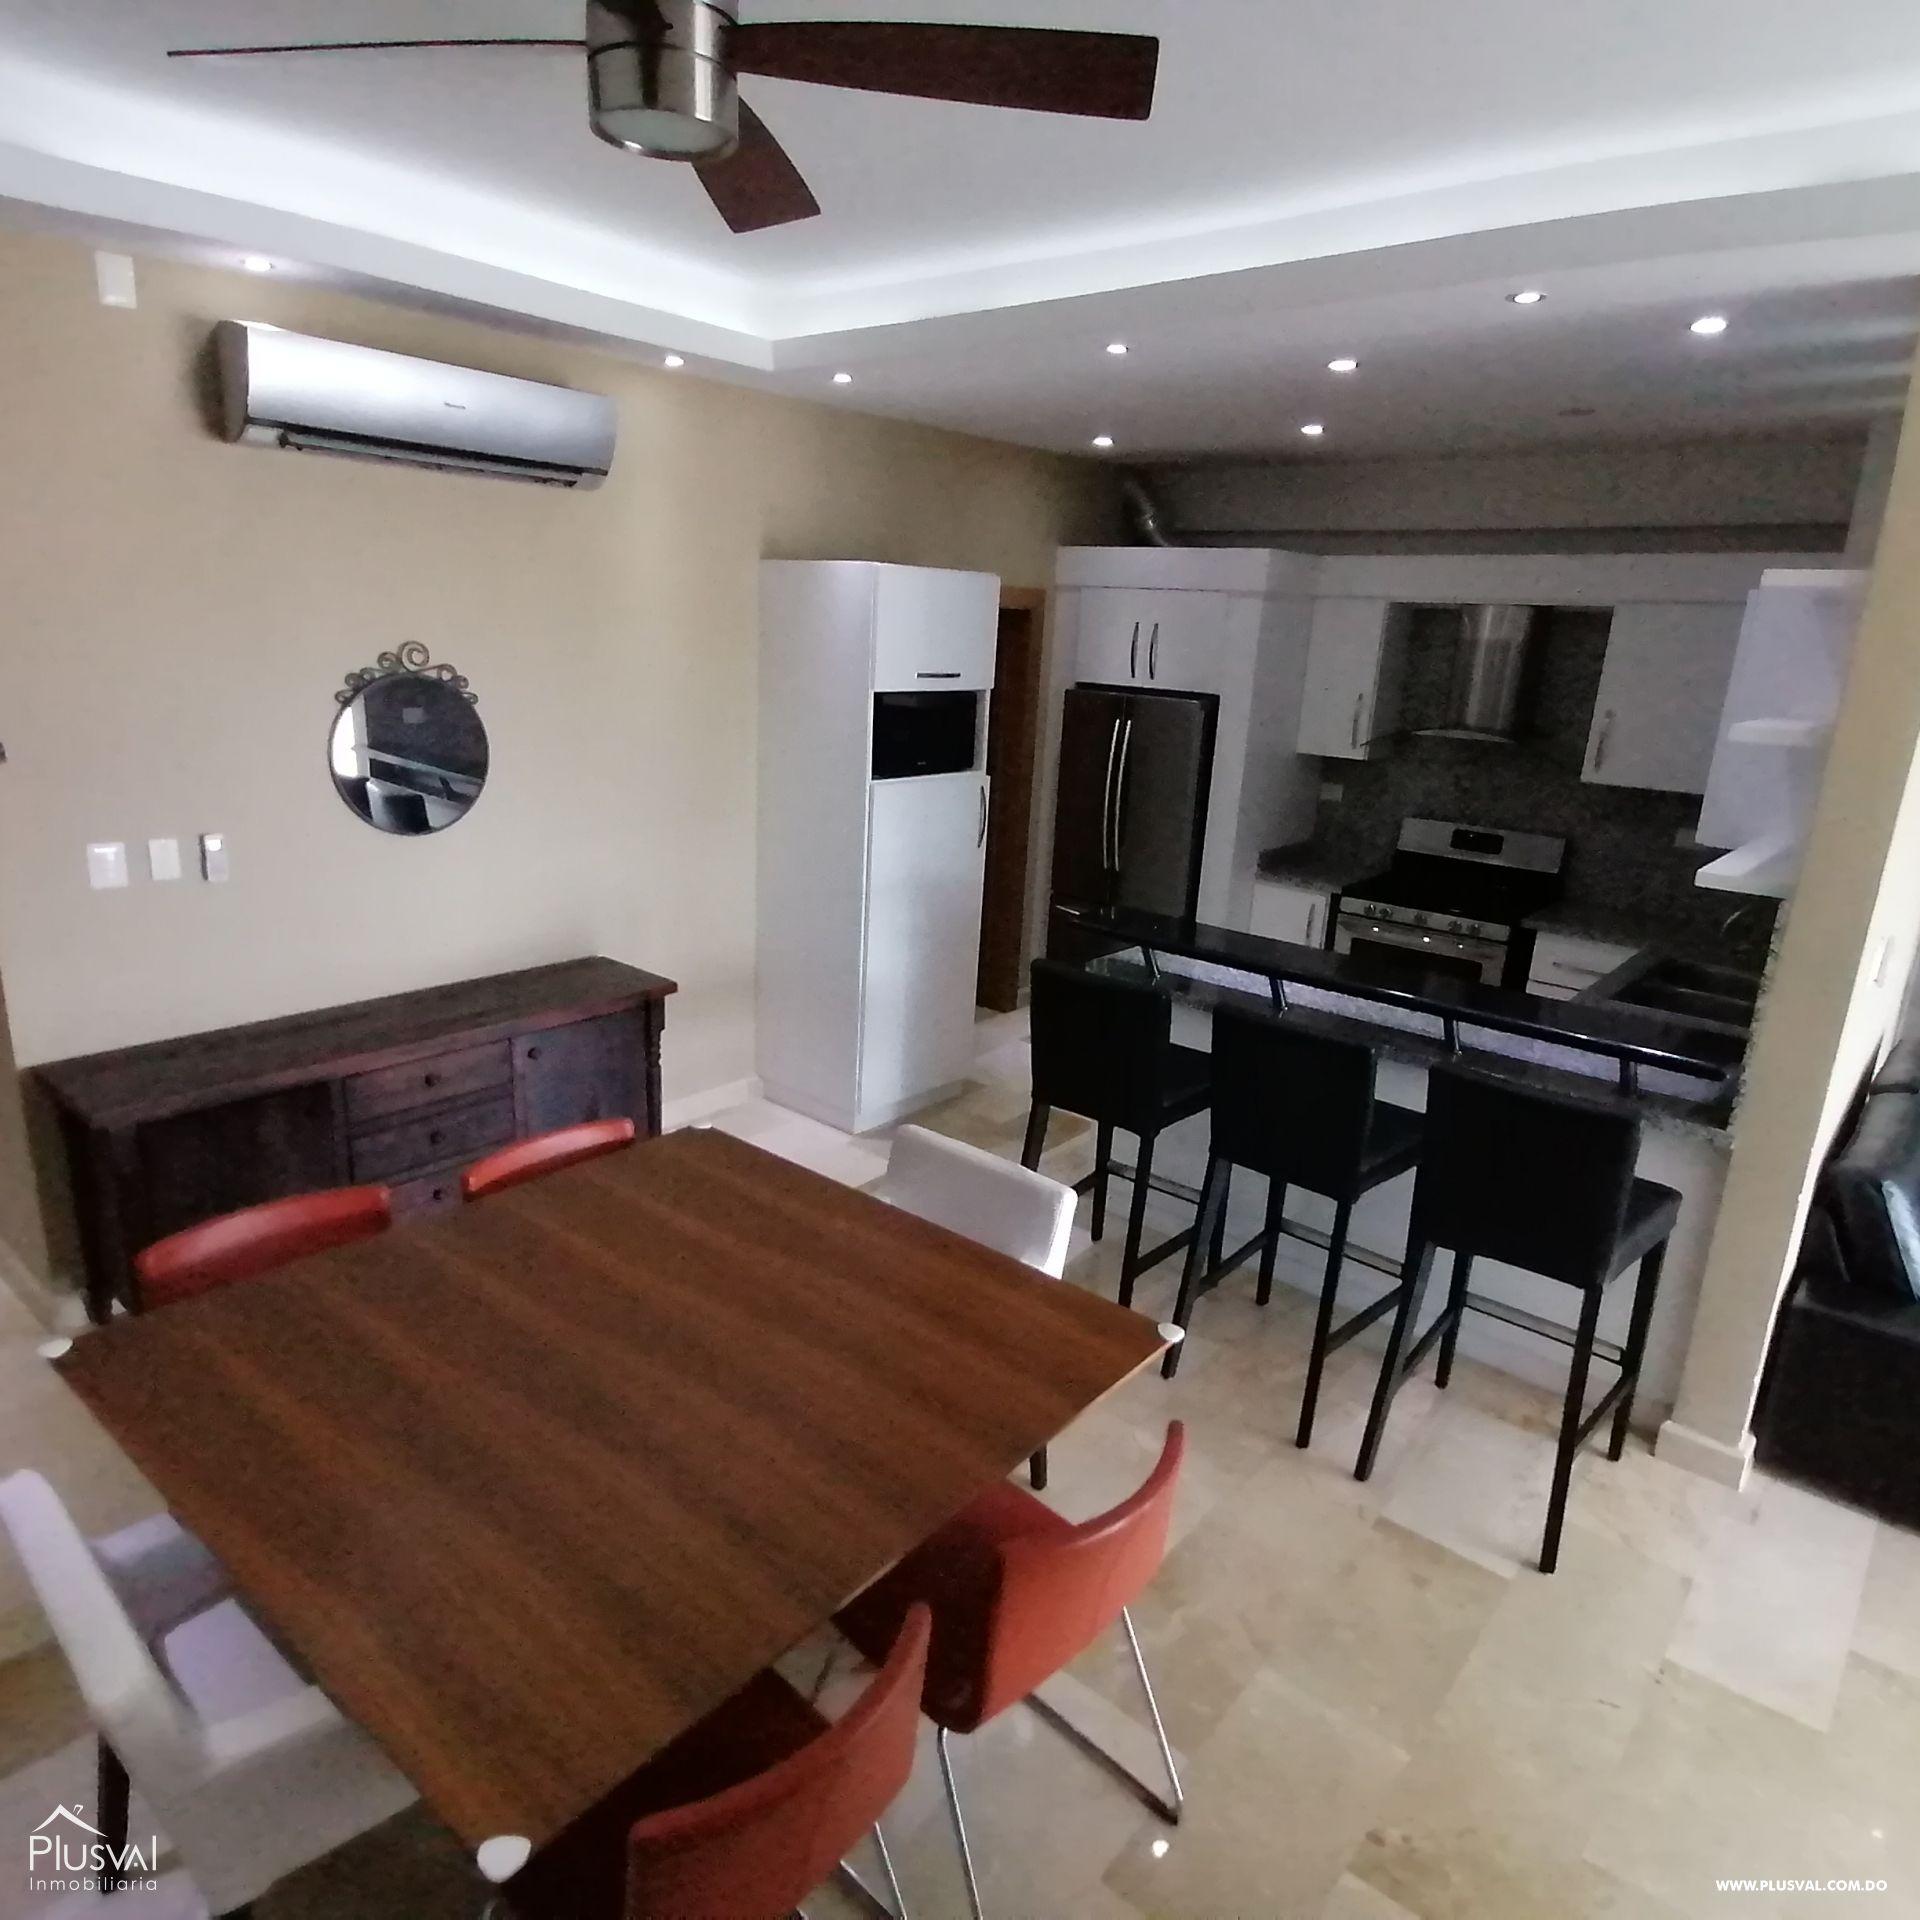 Apartamento en alquiler amueblado con cuarto de servicio en la esperilla